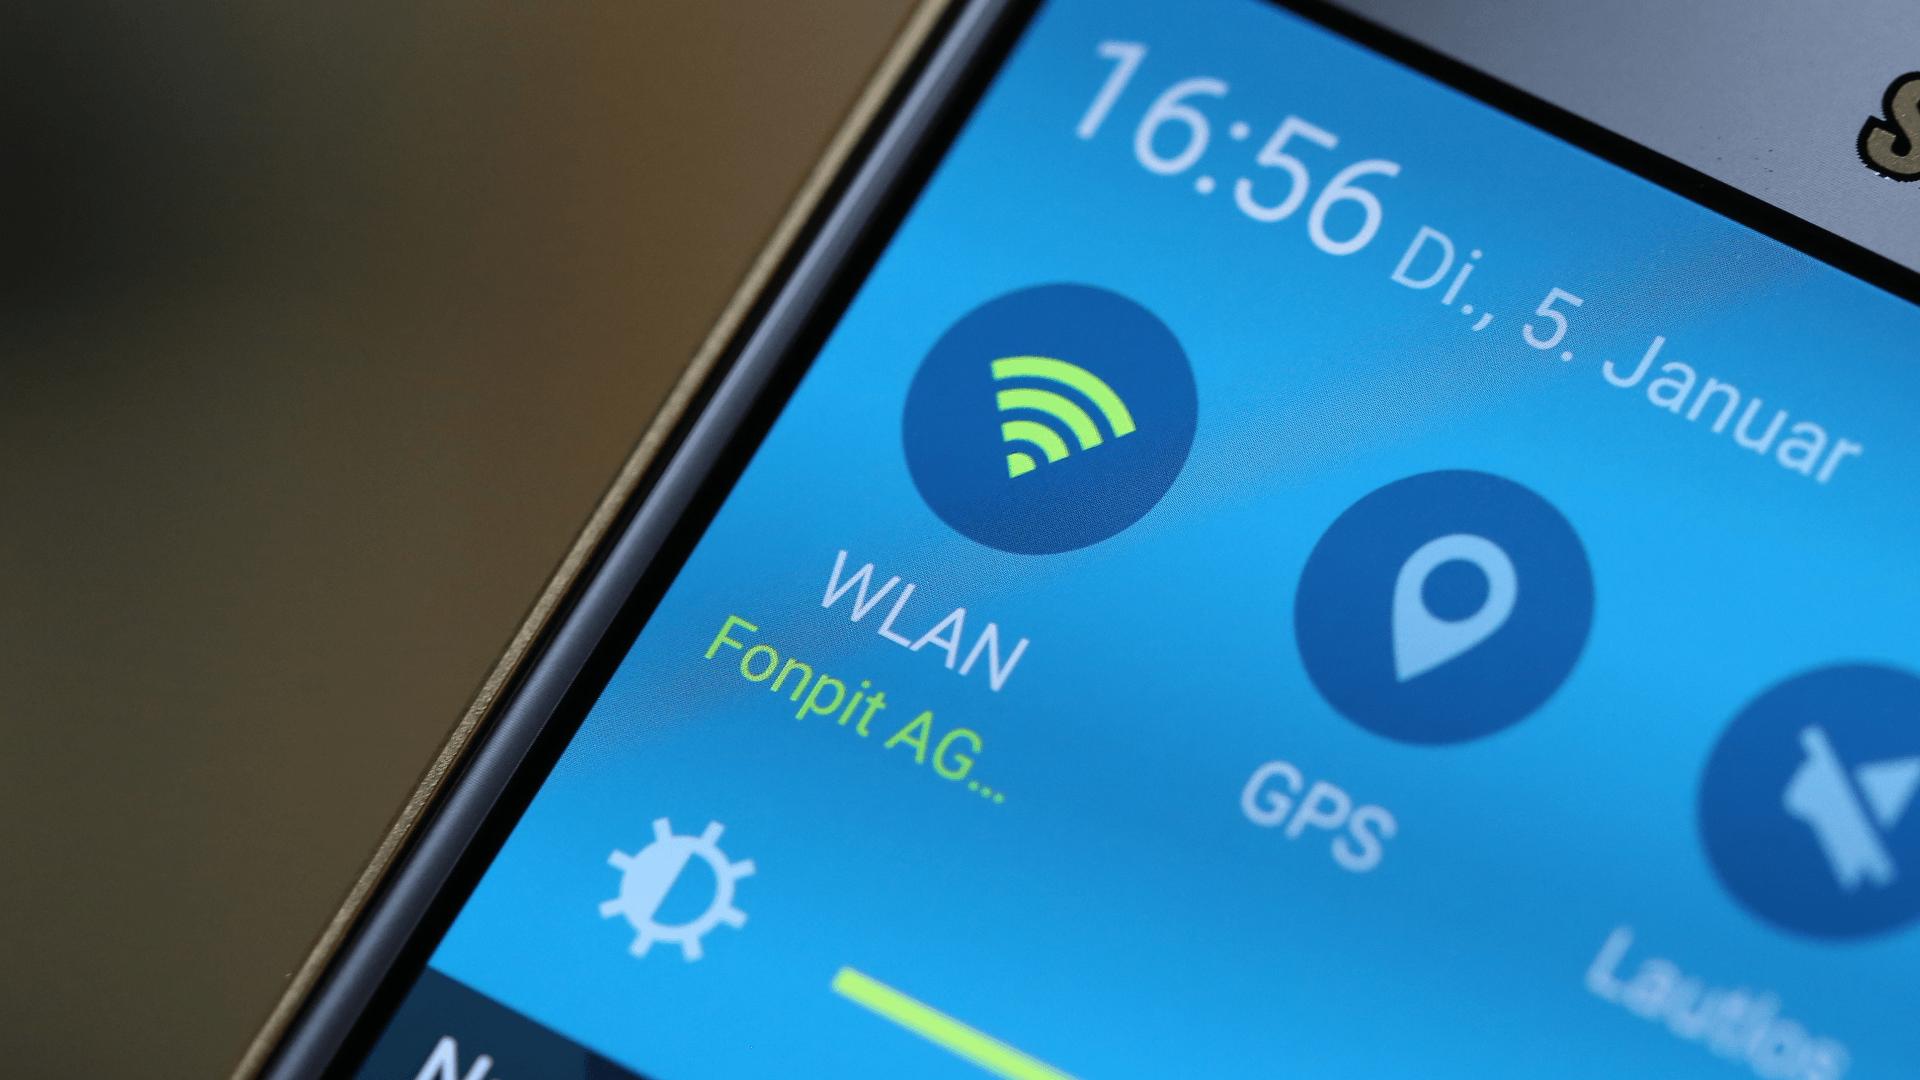 IPHONE PASSWORT GEHT NICHT APPS GEHEN NICHT